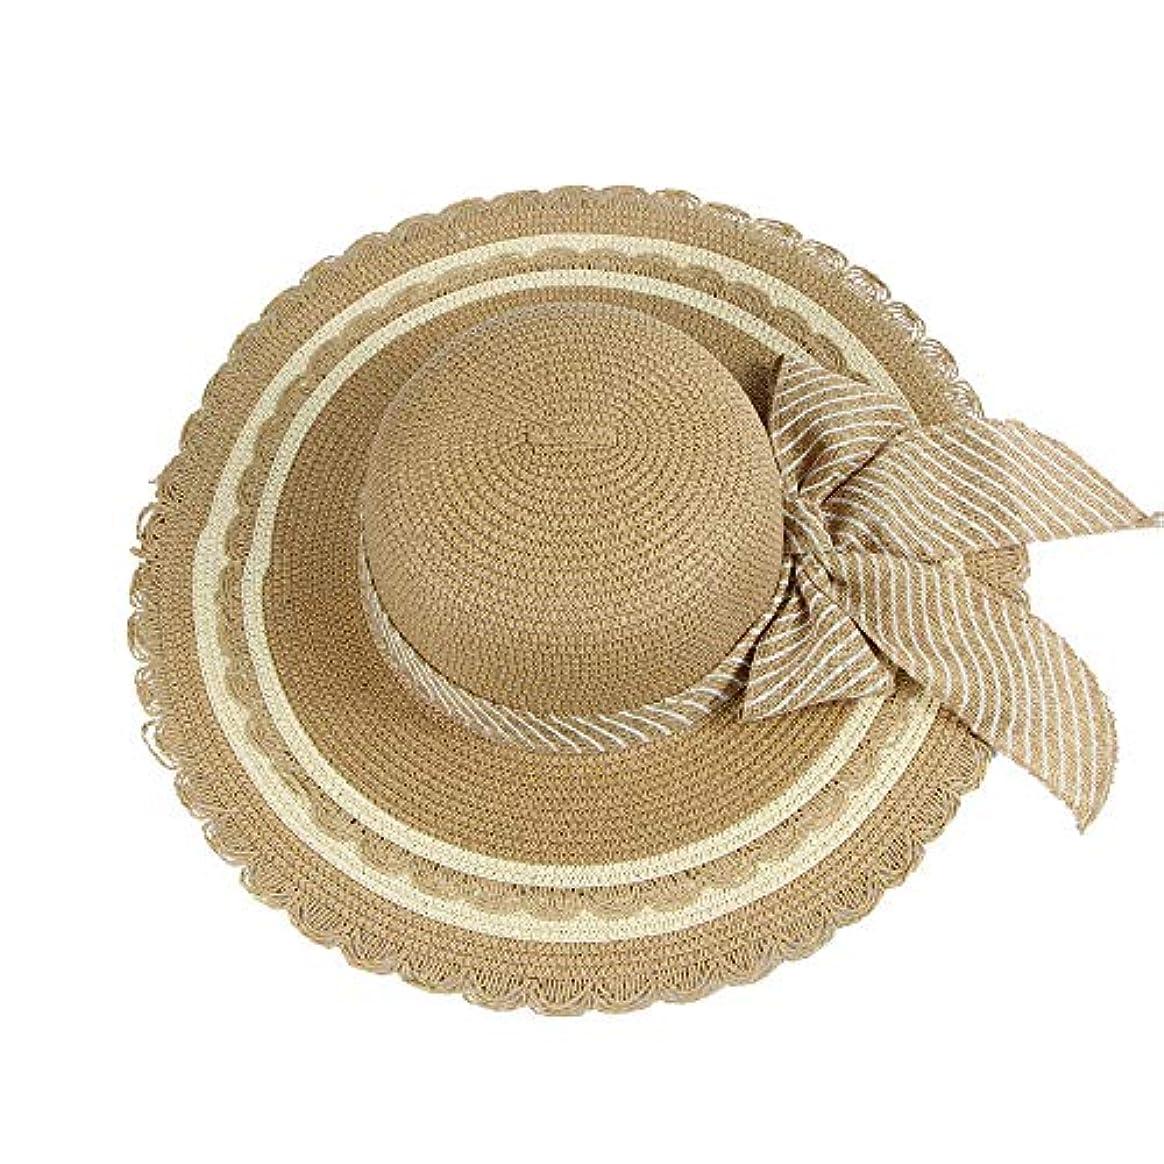 したい二十石鹸帽子 レディース UVカット 帽子 麦わら帽子 UV帽子 紫外線対策 折りたたみ つば広 ワイヤ入り uvカット帽子 春夏 レディース 通気性 ニット帽 マニュアル キャップ レディース 大きいサイズ ROSE ROMAN